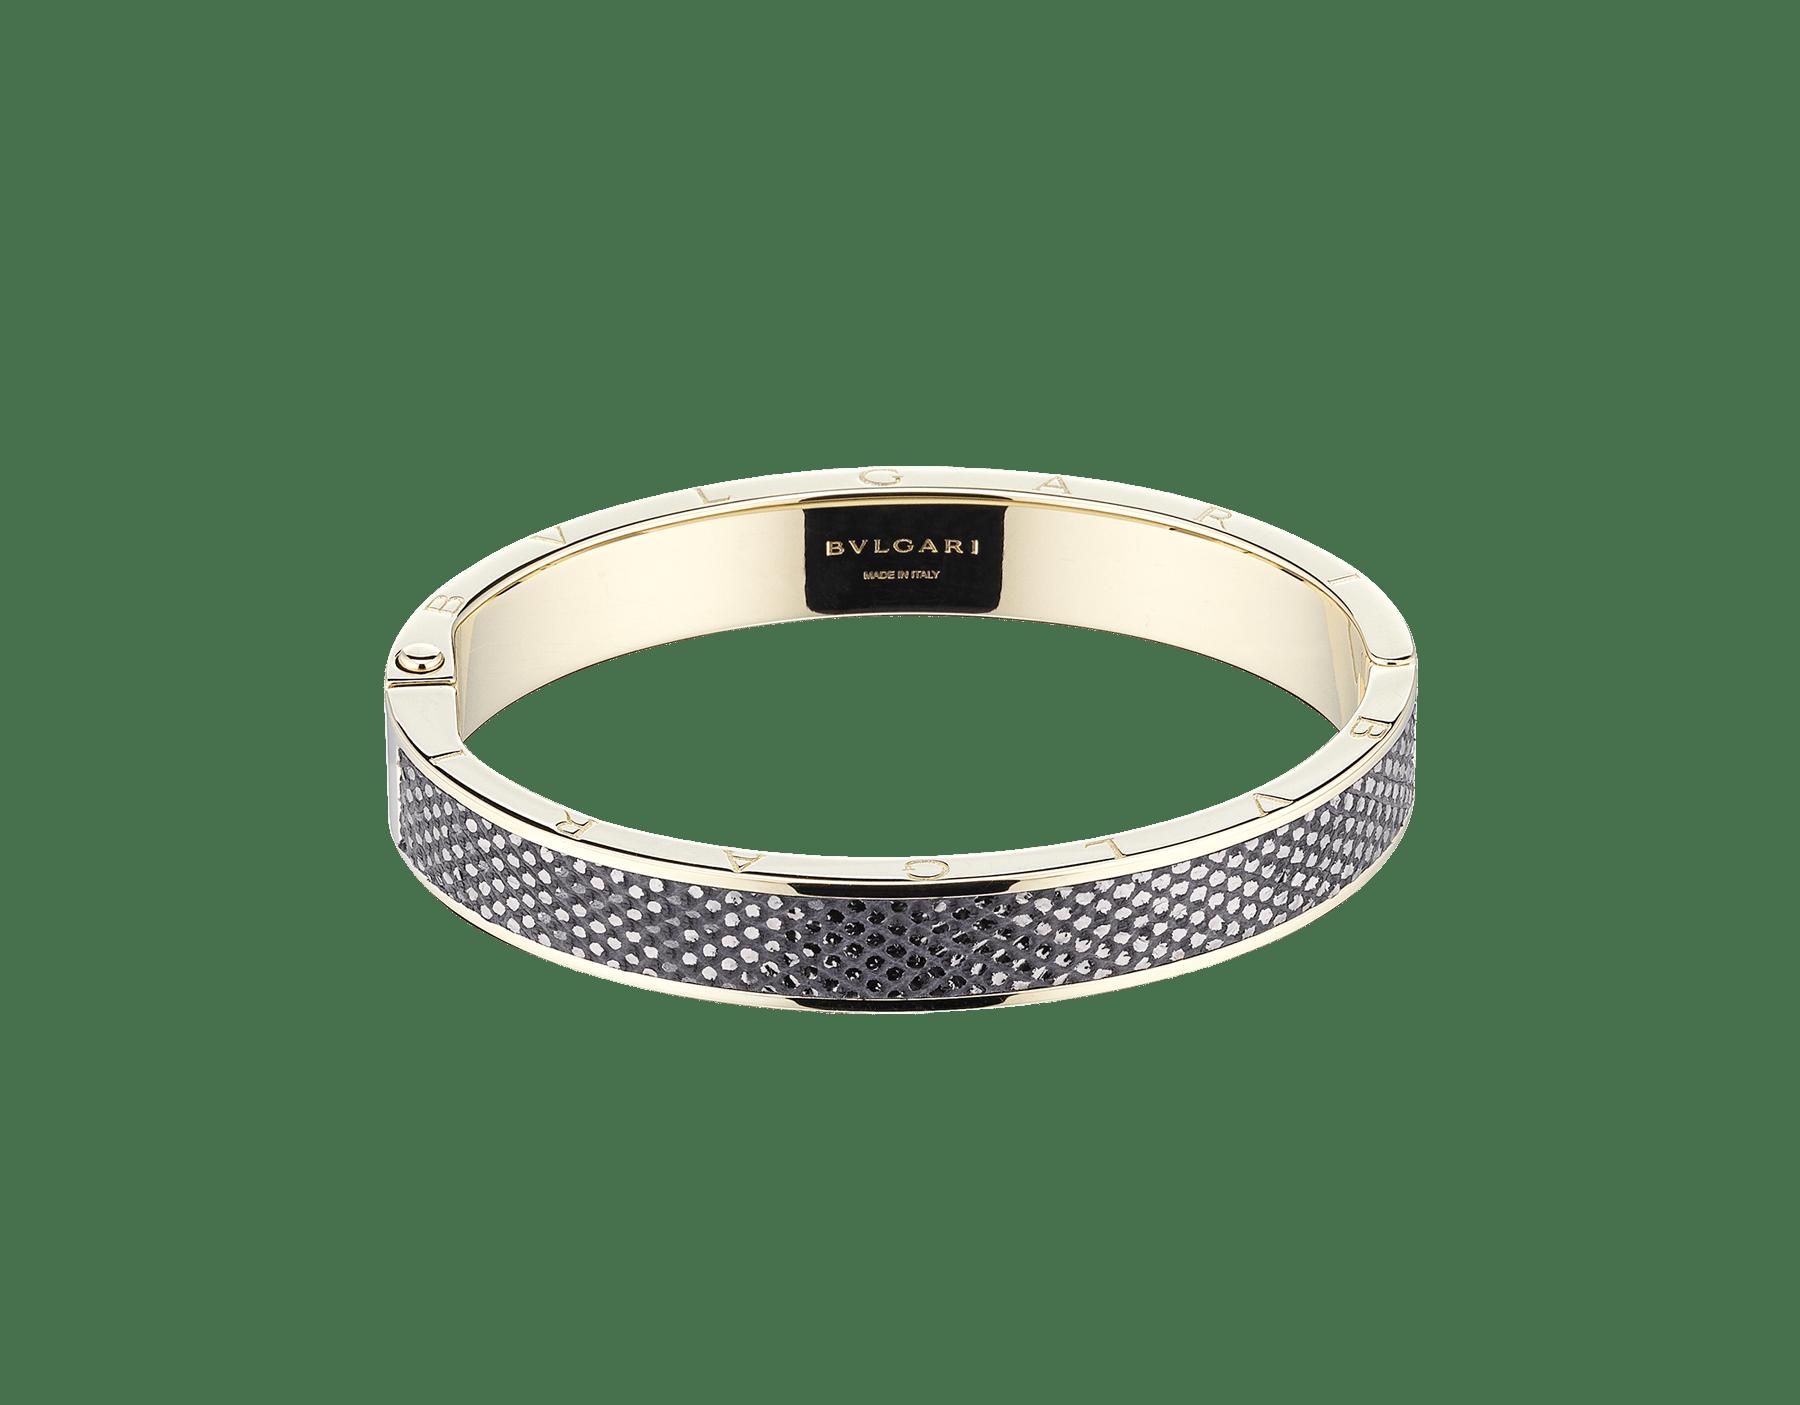 Bracelet jonc BVLGARI BVLGARI en laiton doré rehaussé d'un élément en karung métallisé couleur gris Charcoal Diamond ainsi que d'un fermoir à charnière orné du logo BVLGARI. Logo Bvlgari gravé des deux côtés et à l'intérieur. HINGELOGOBRACLT-MK-CD image 2